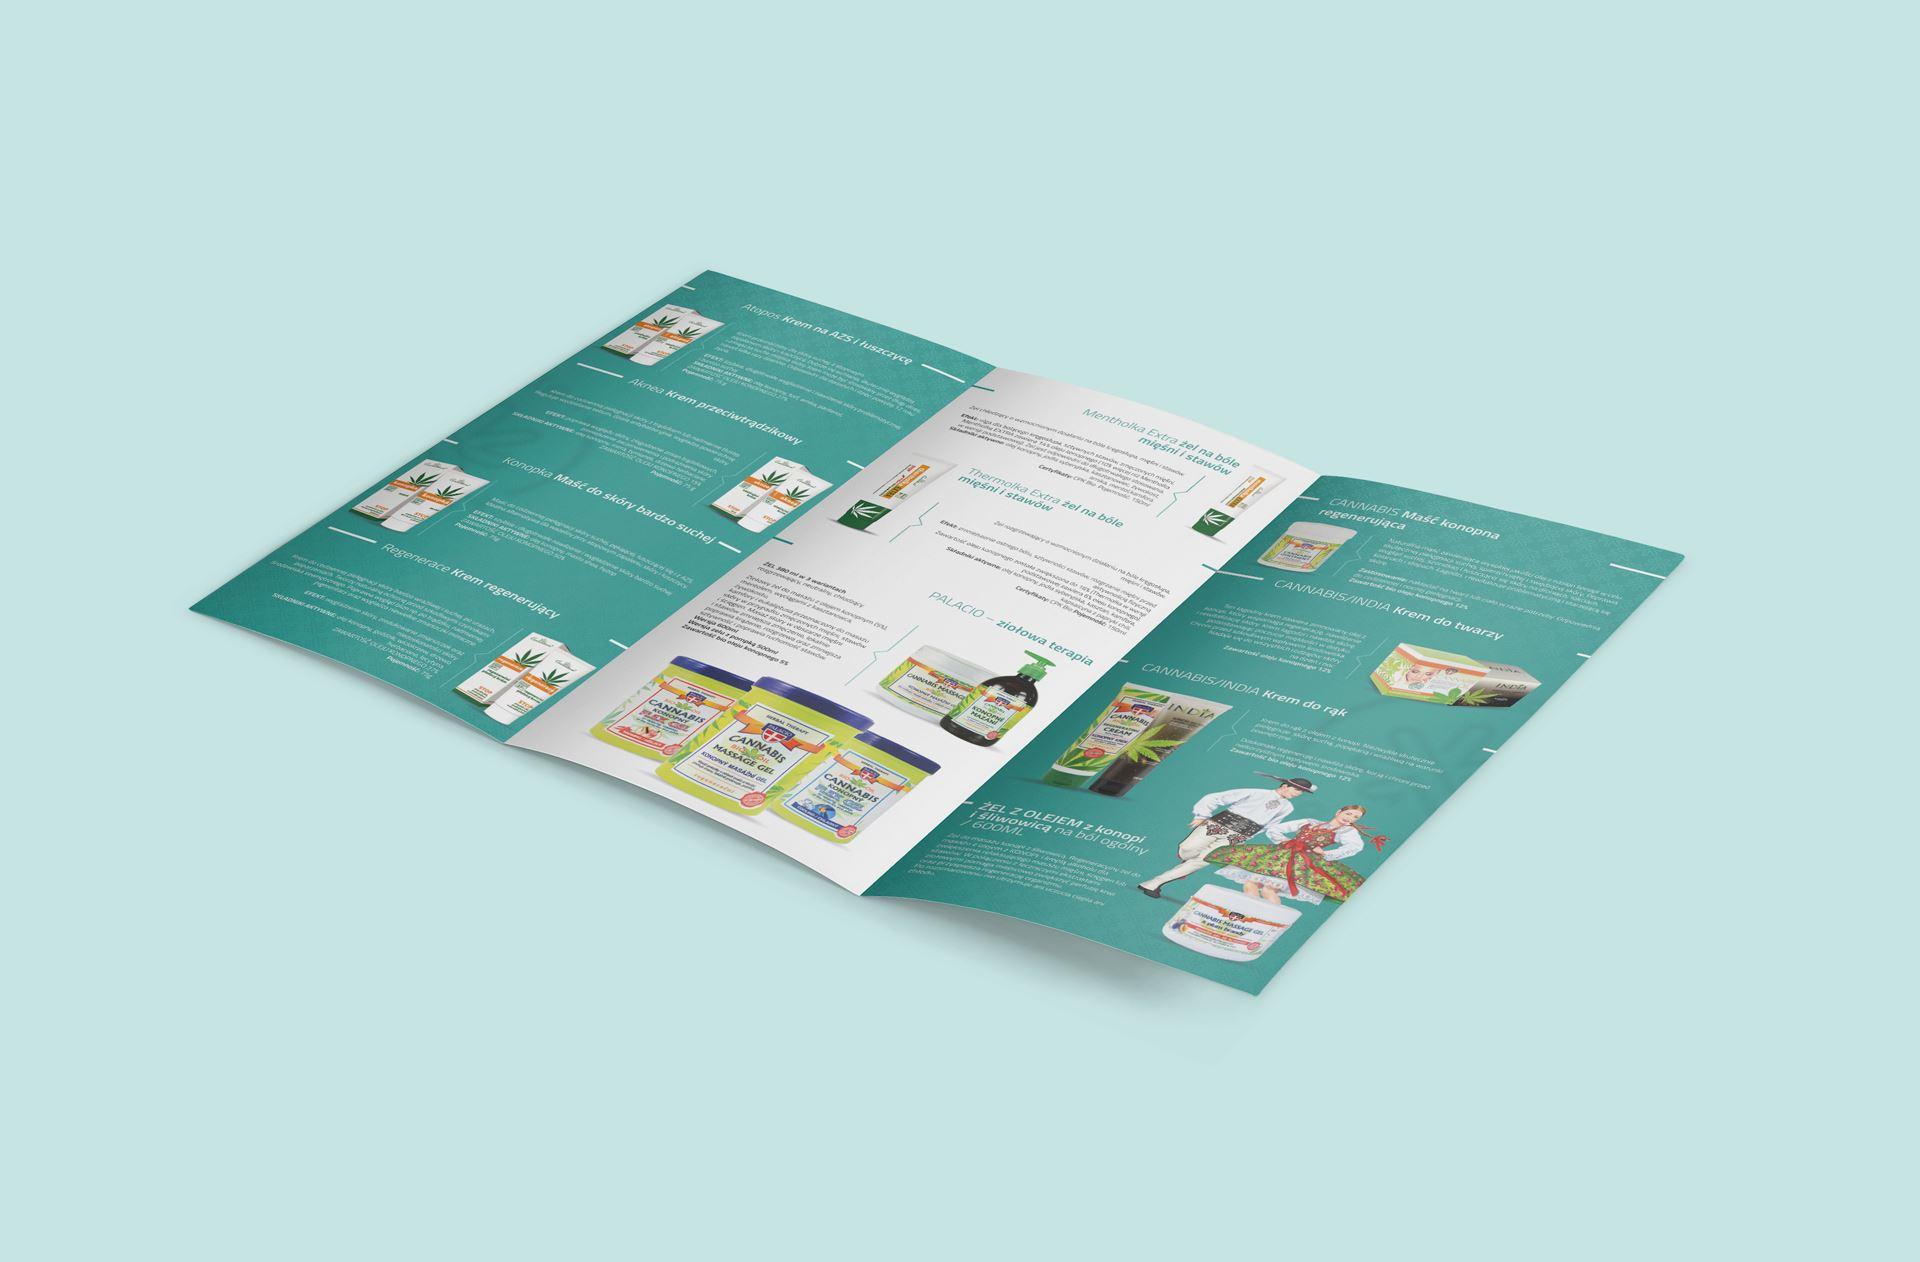 salonkonopny.pl 3 fold flyer mockup 03